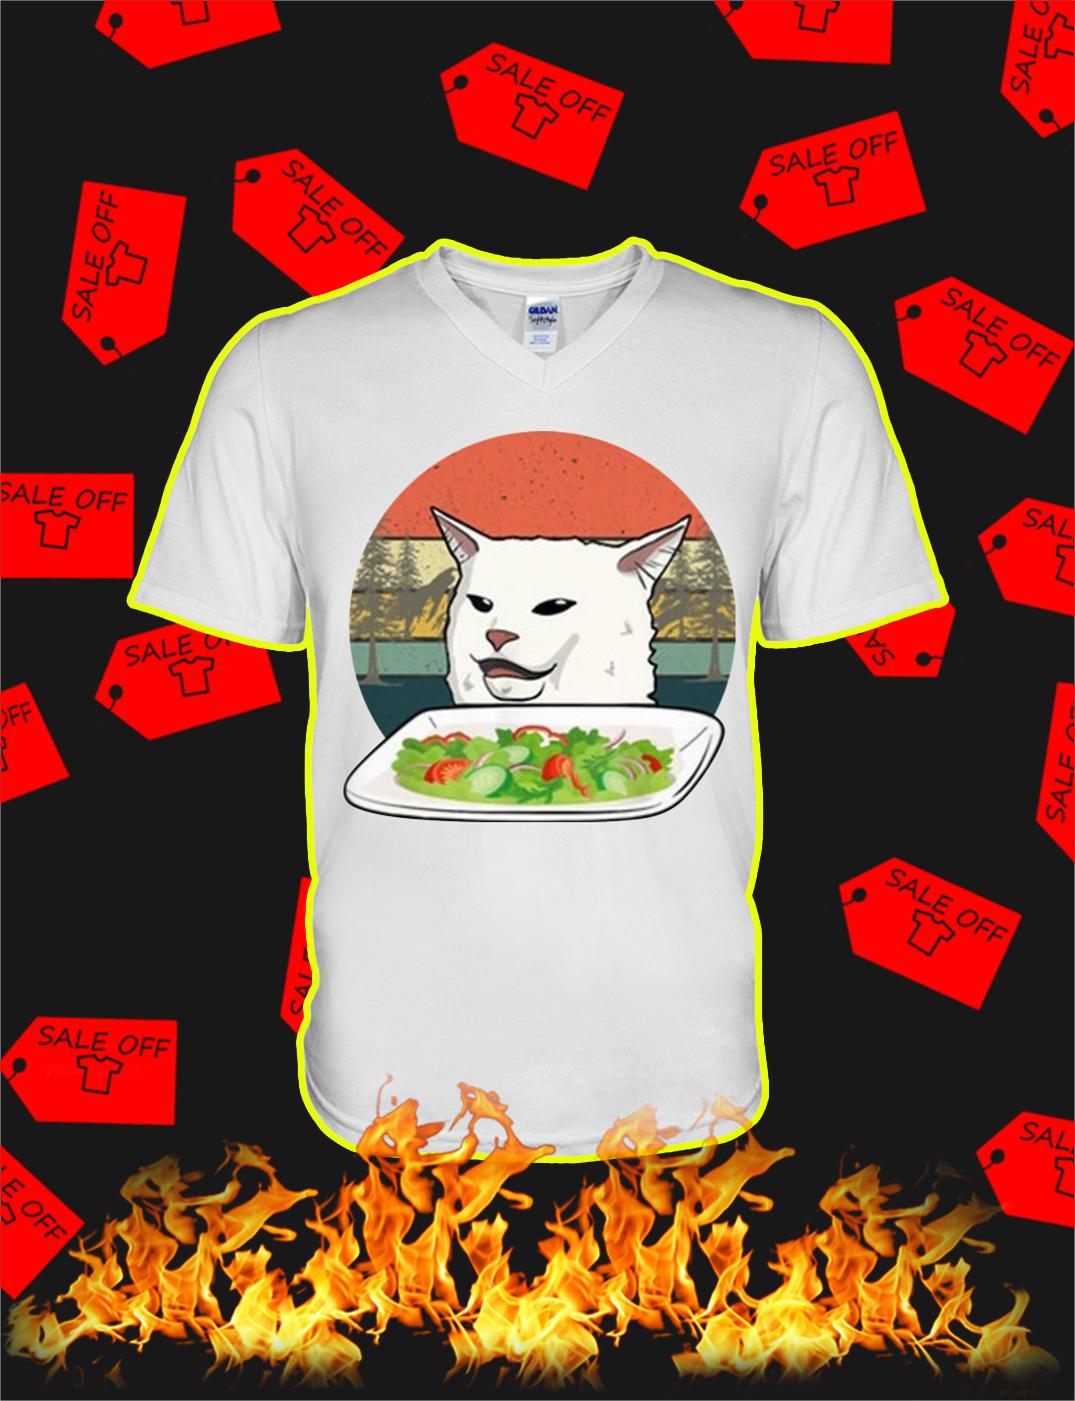 Smudge the Cat Meme Vintage v-neck